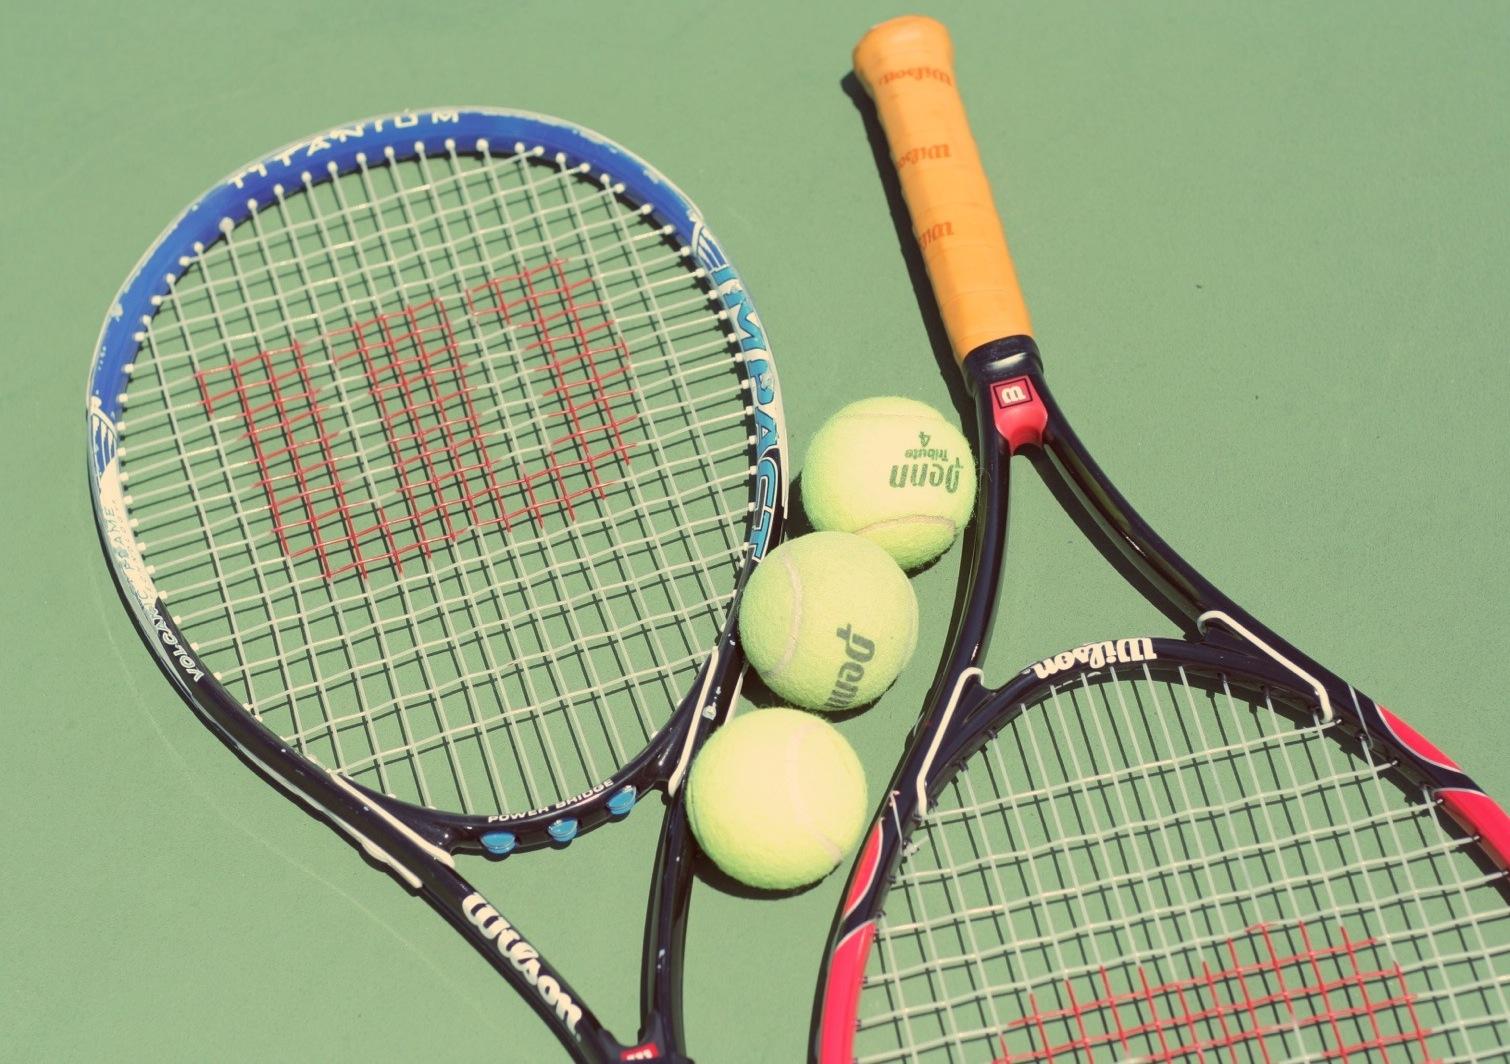 Wilson Tennisschläger: Test & Empfehlungen (01/21)